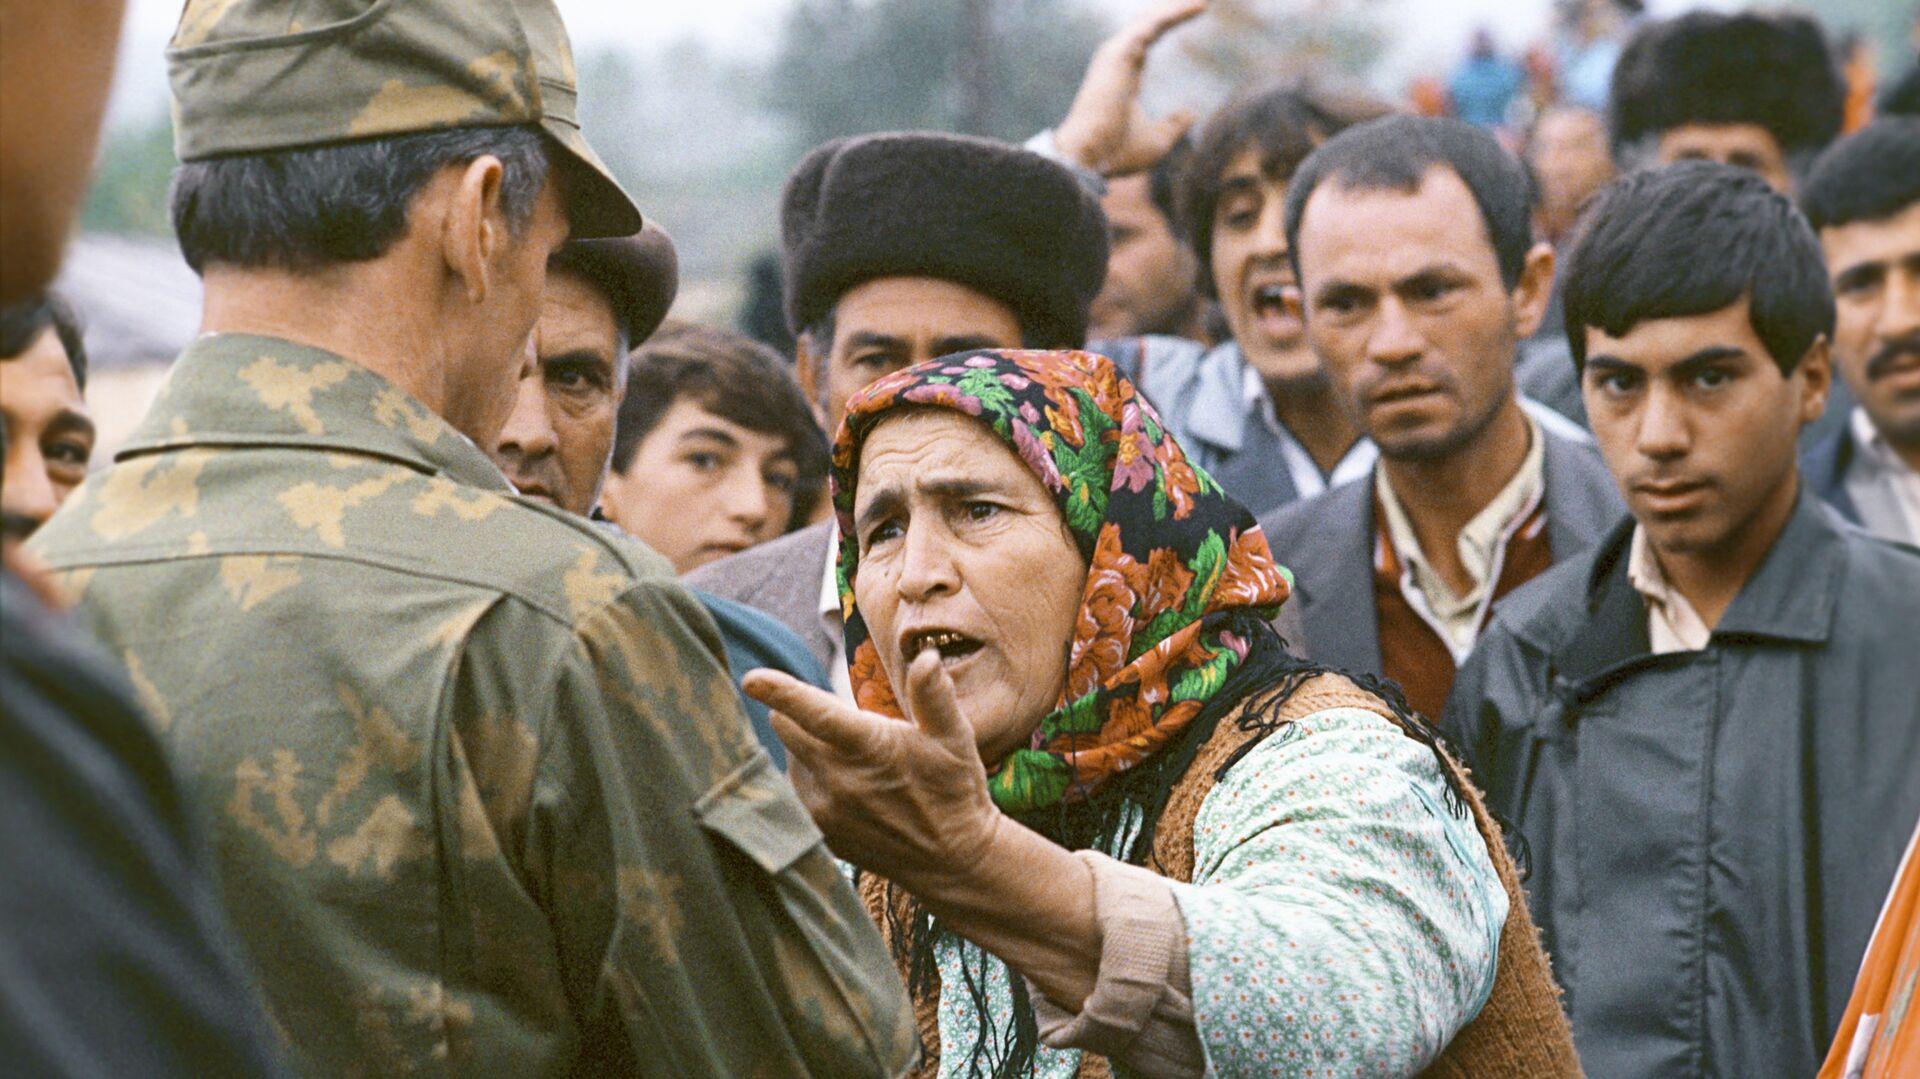 Пожилая жительница Нагорного Карабаха разговаривает с военнослужащим - РИА Новости, 1920, 19.09.2020